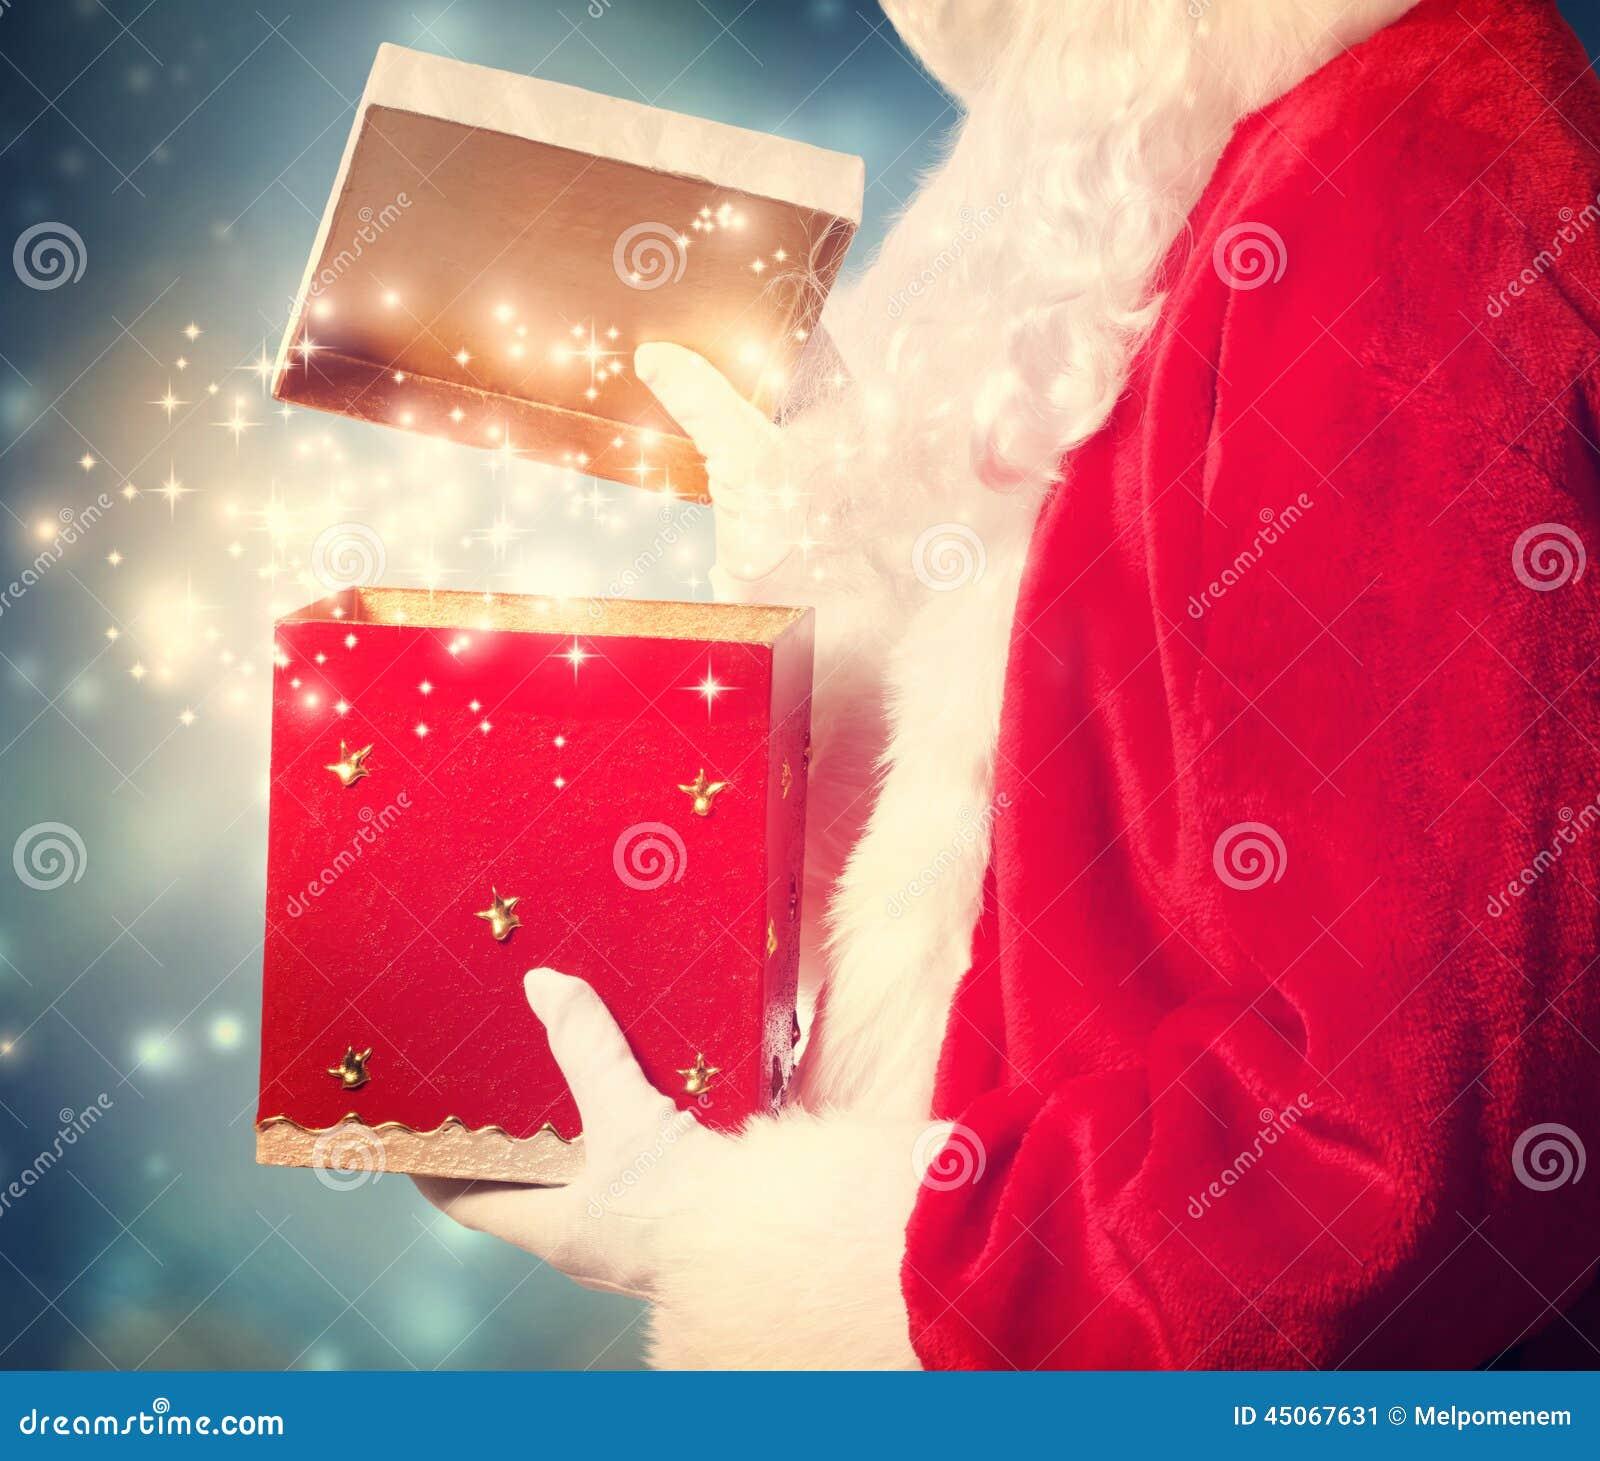 Santa Claus Opening ein großes Weihnachtsgeschenk